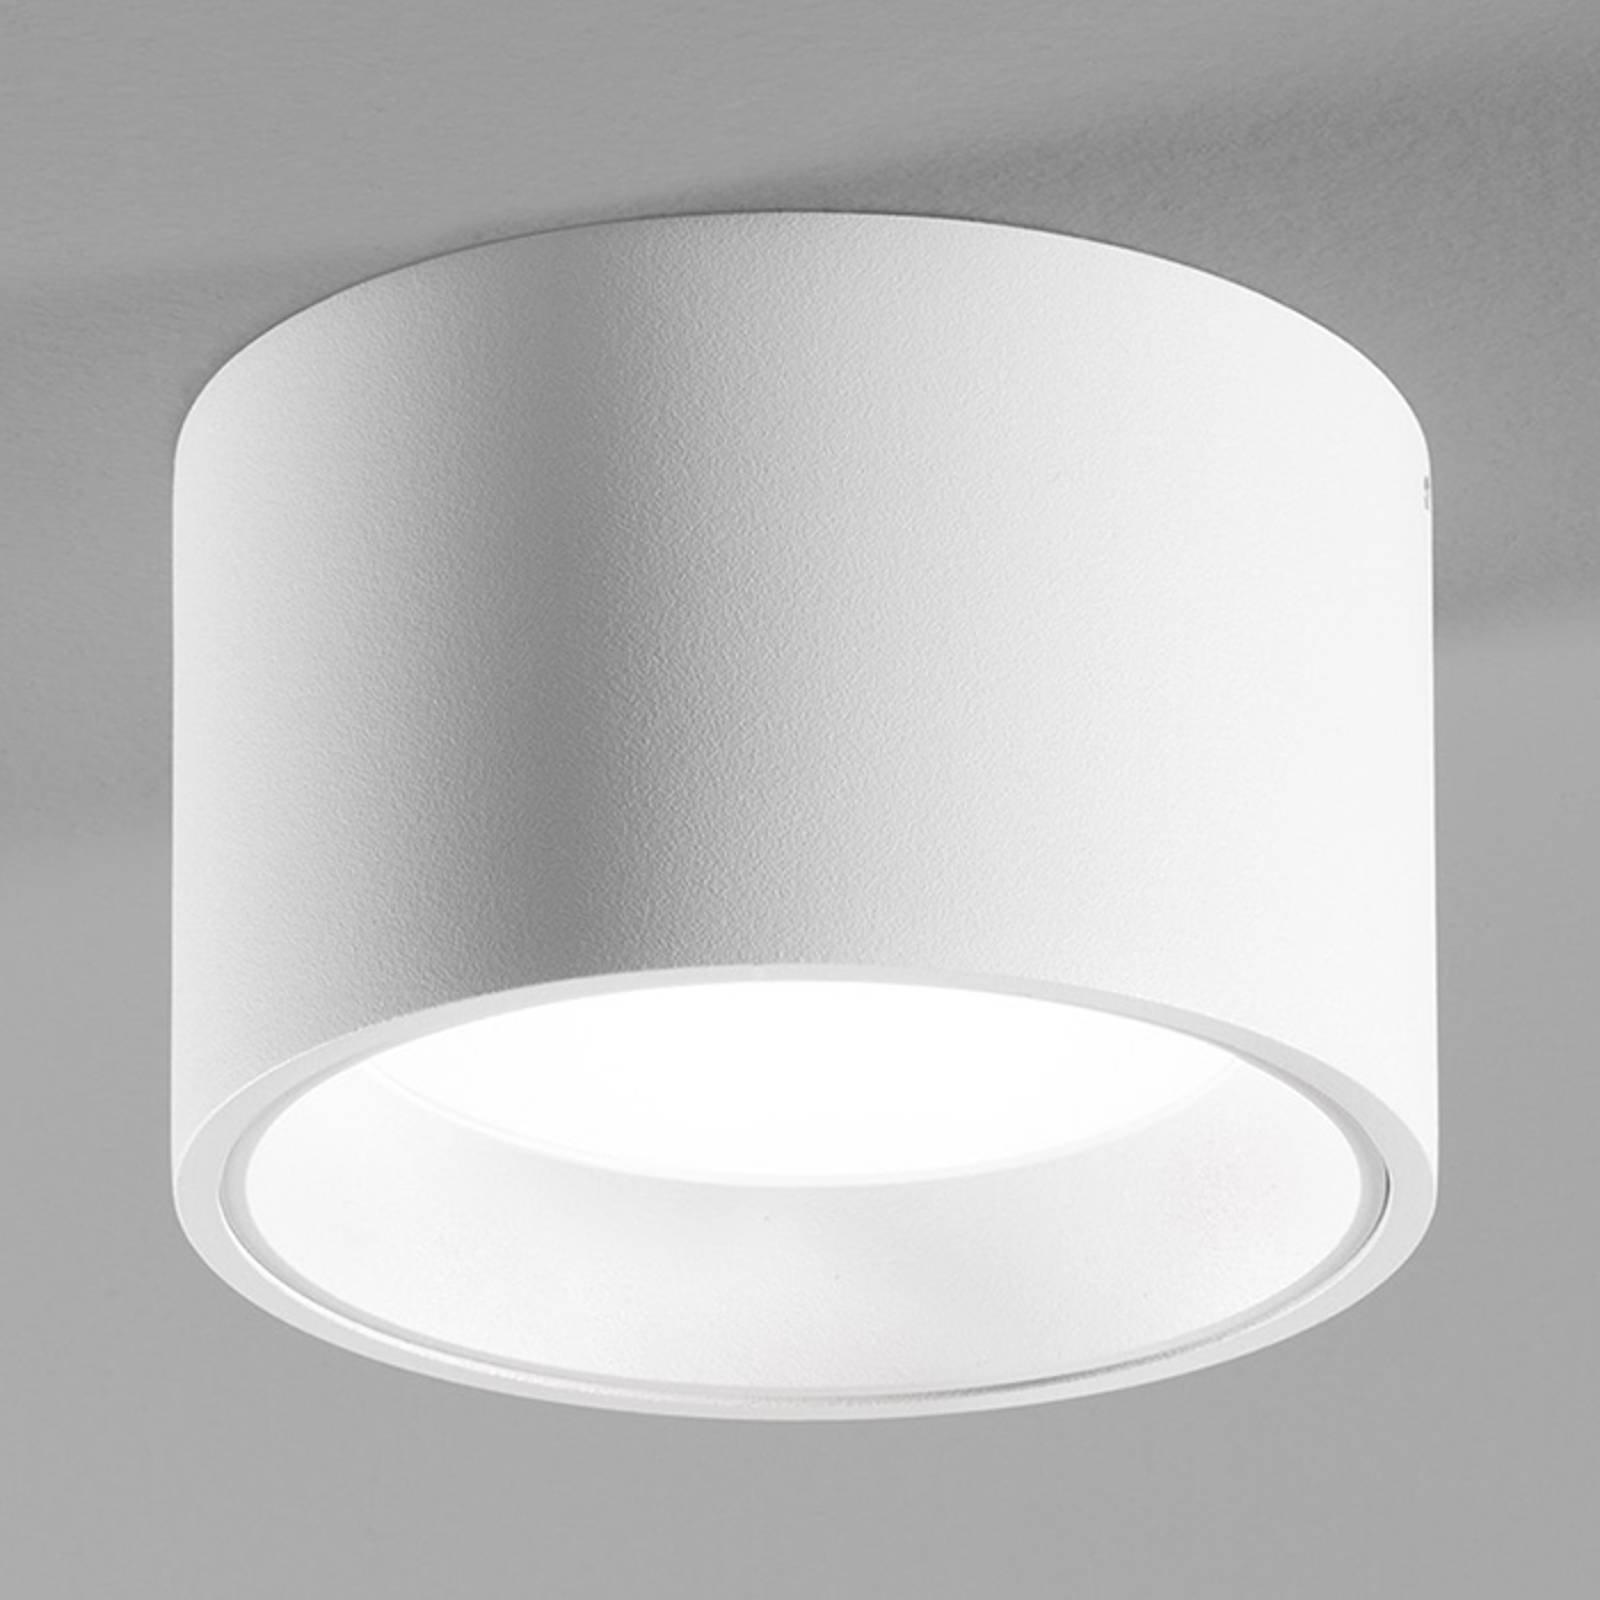 Hvit LED-taklampe Ringo med IP54